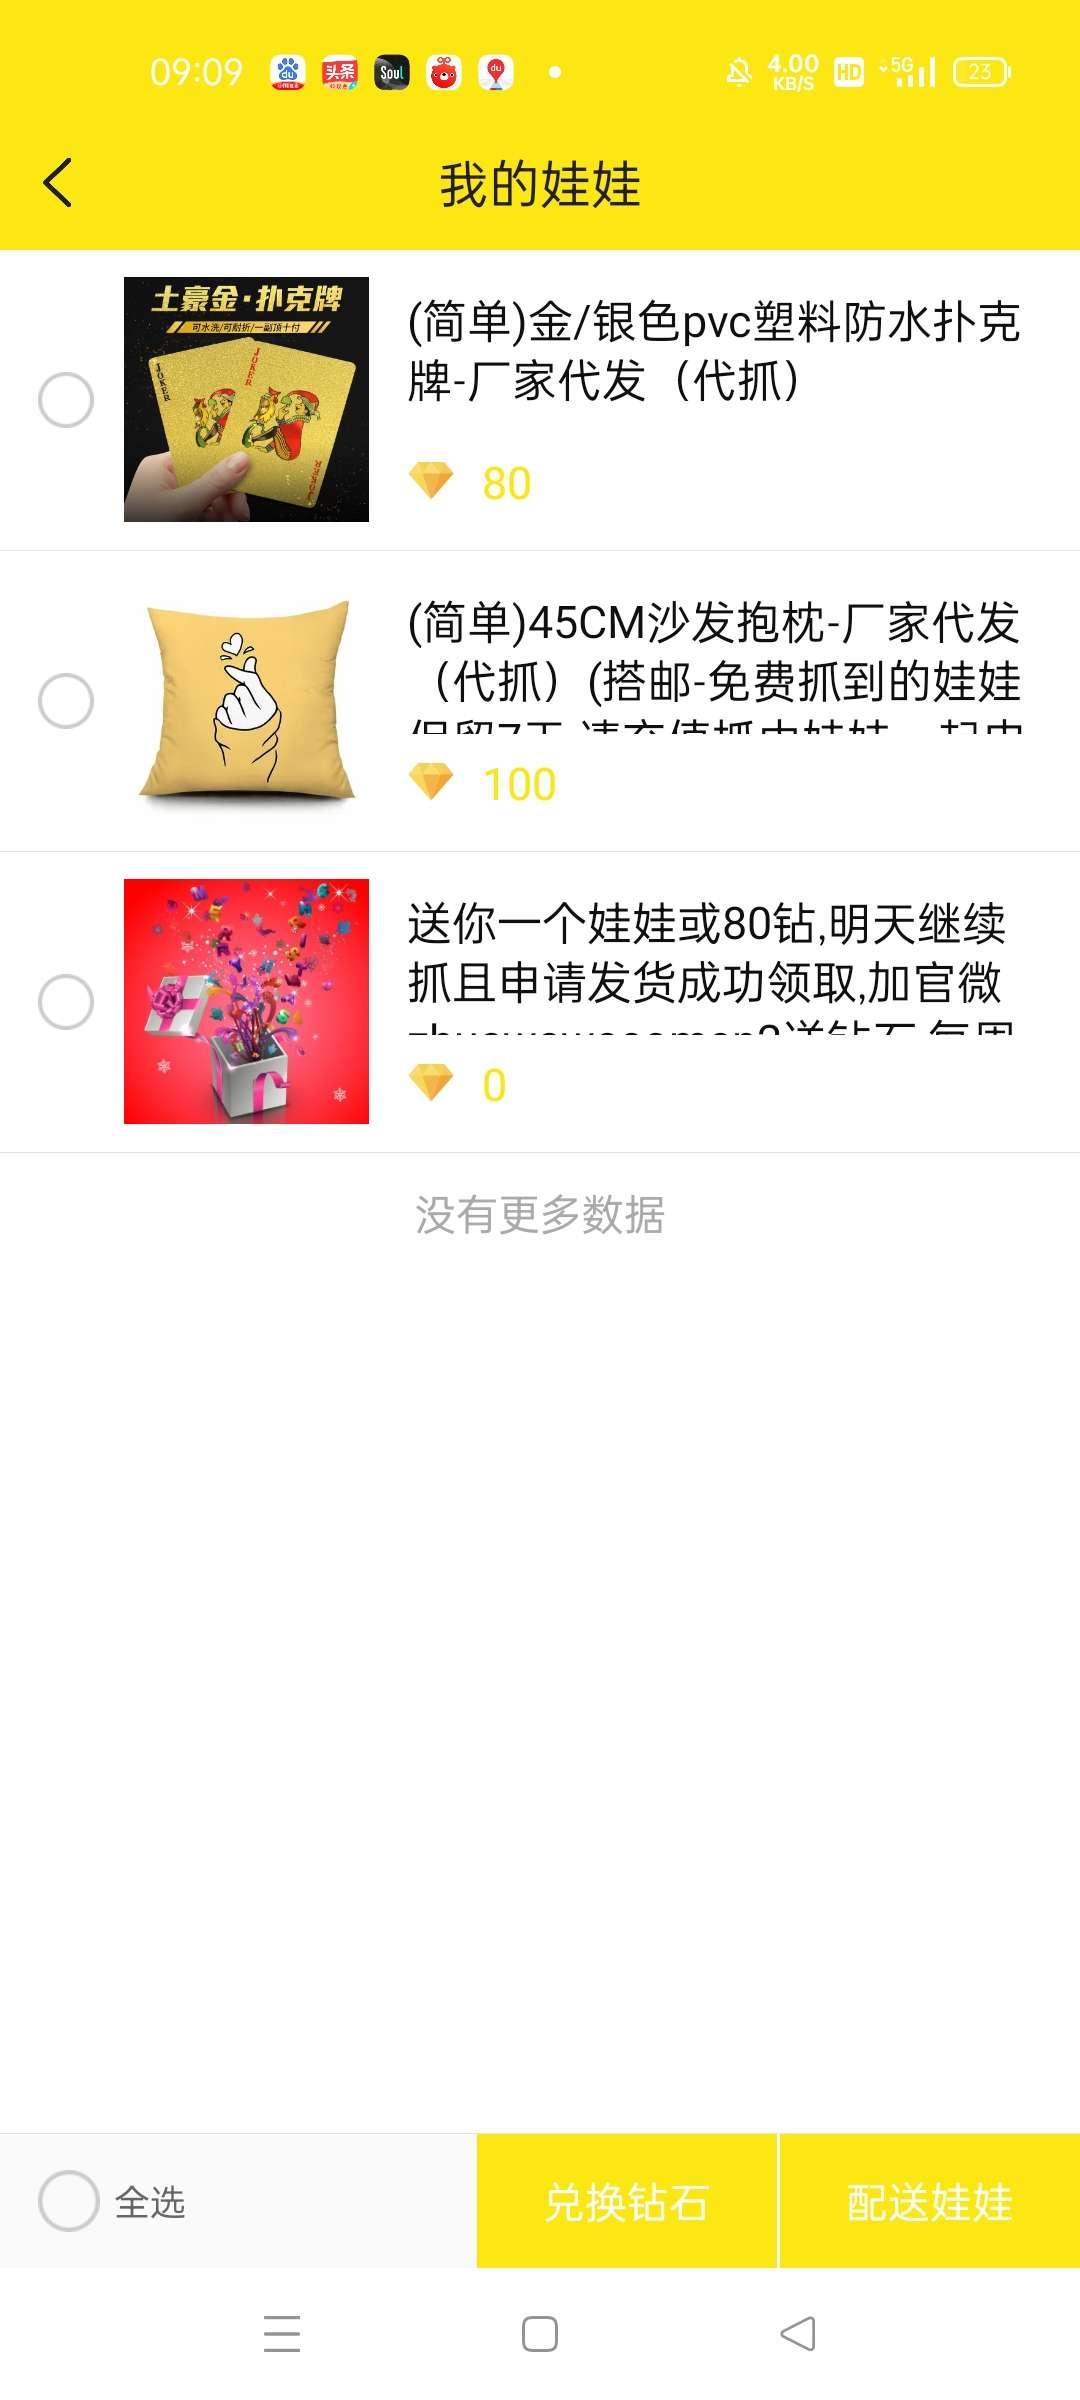 微信在线免费夹娃娃插图